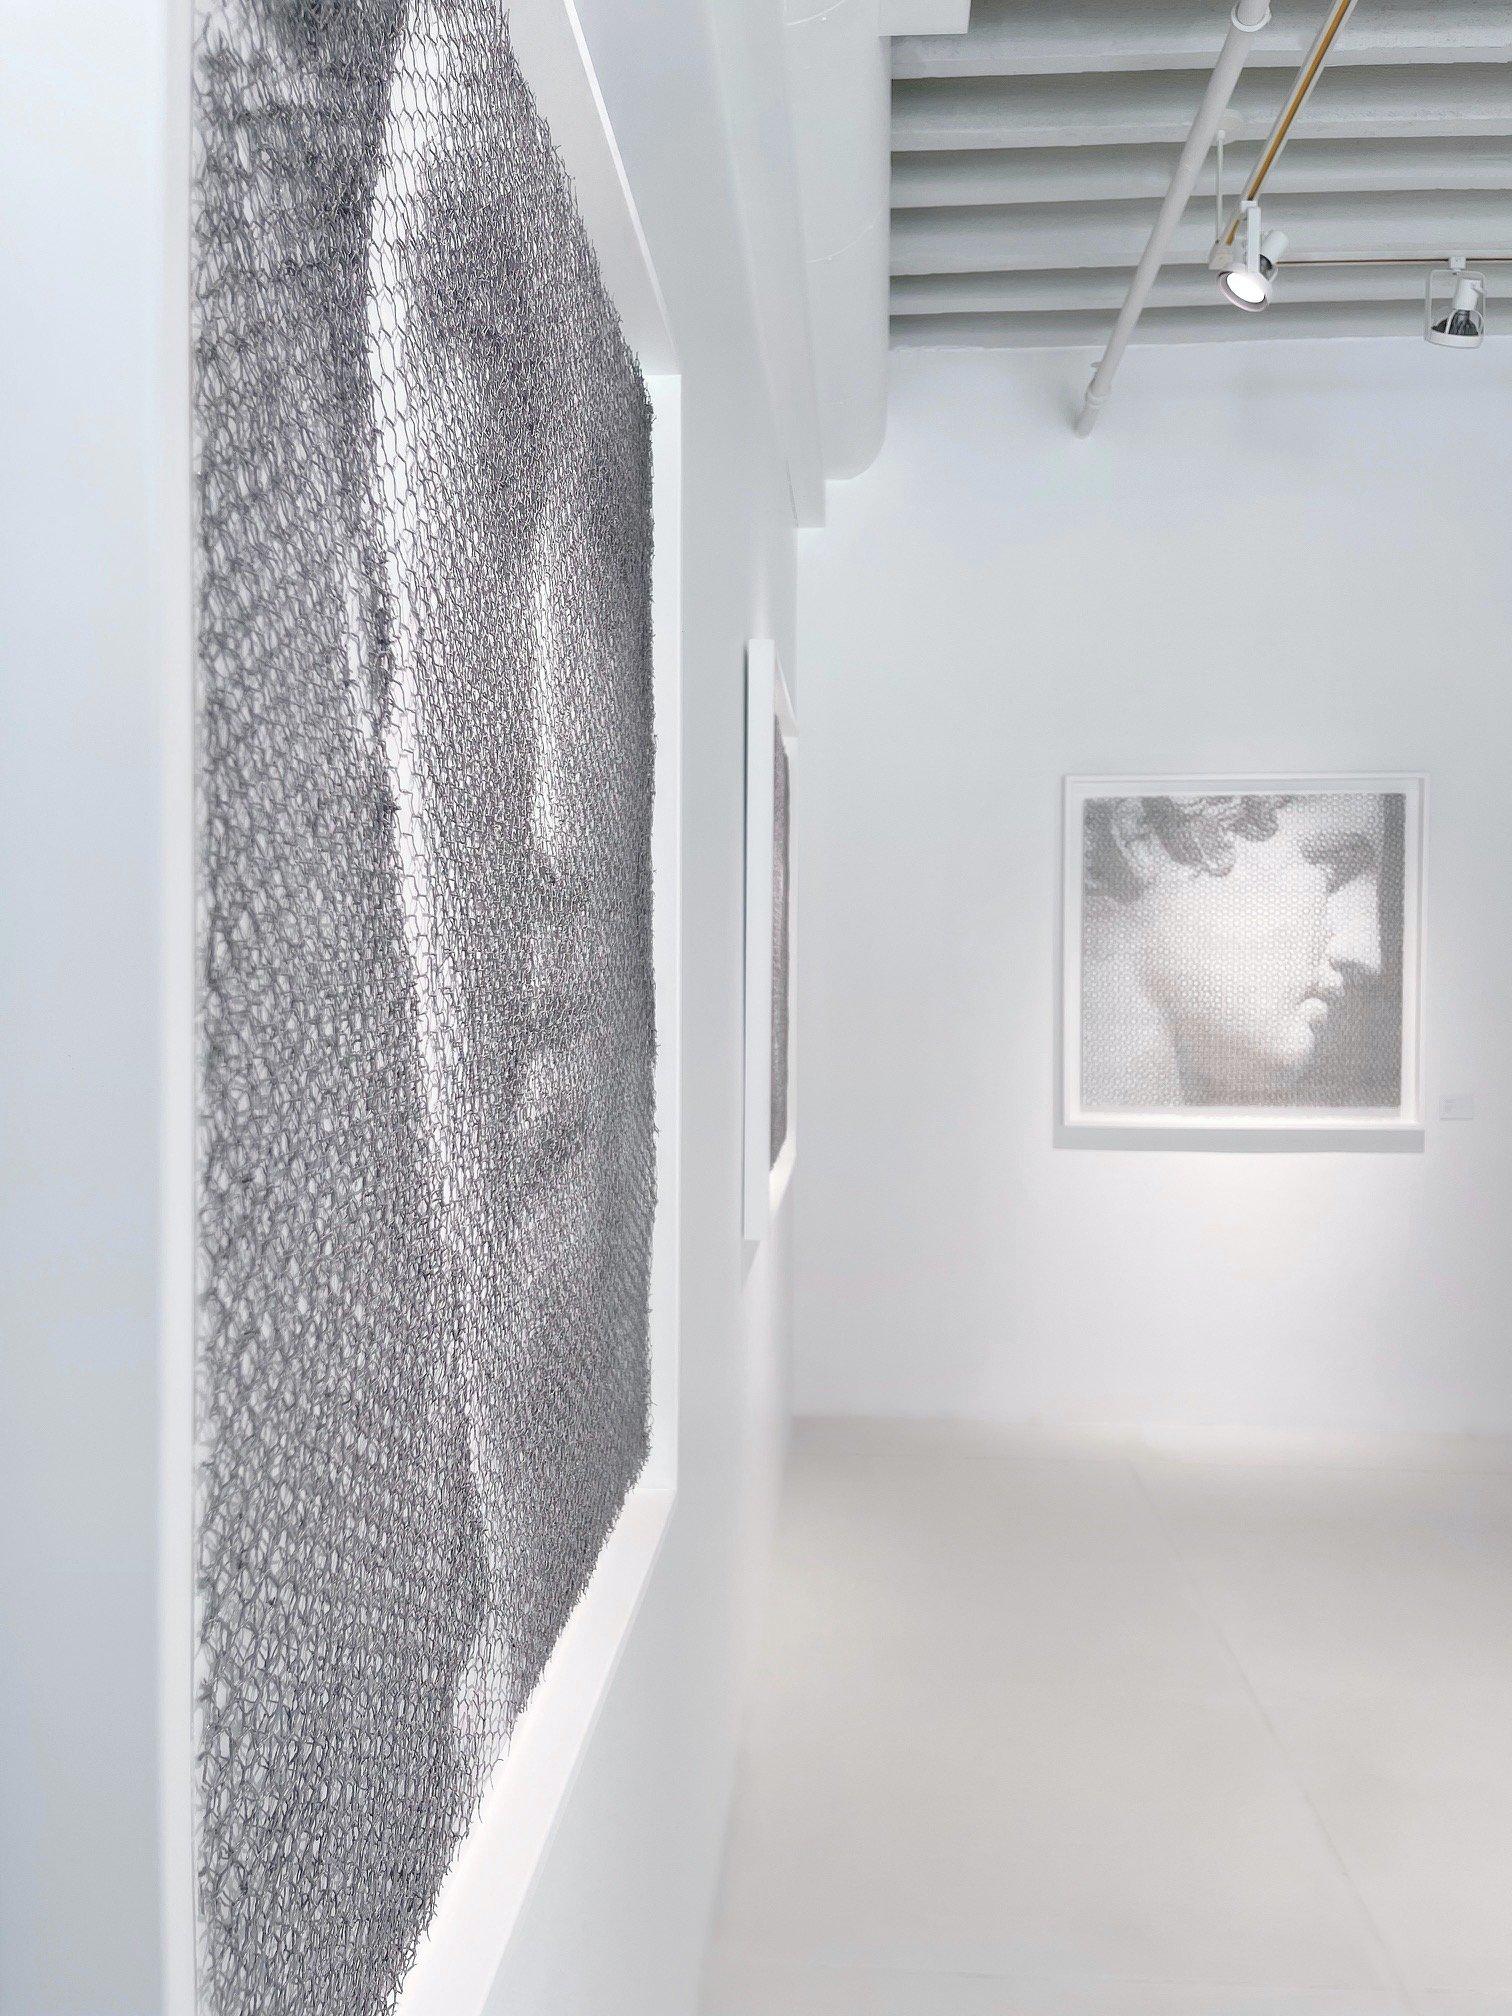 ESTELLA Giorgio Tentolini new works 2